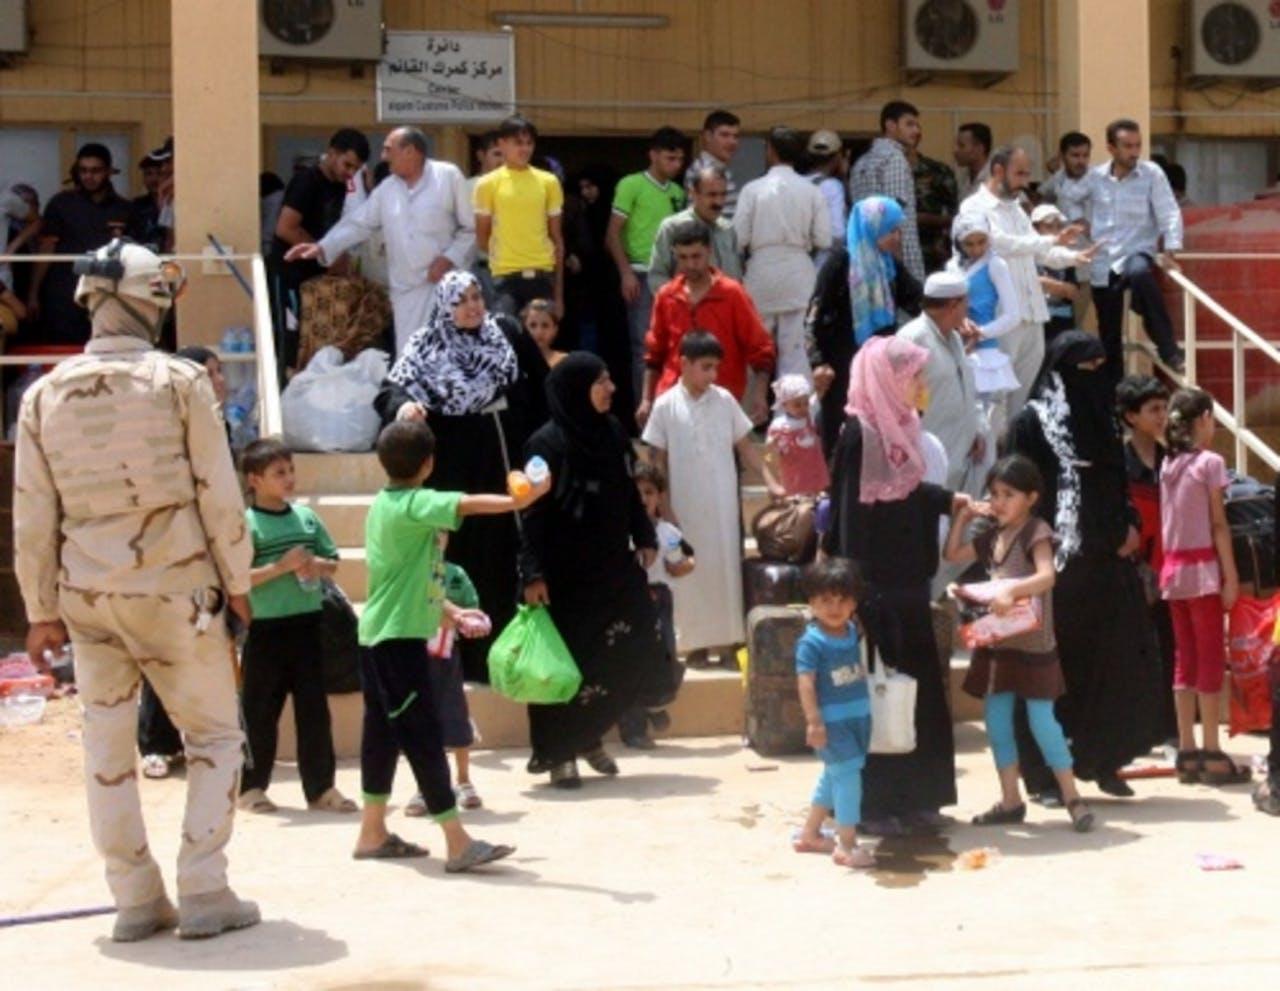 Syrische vluchtelingen (archiefbeeld). EPA